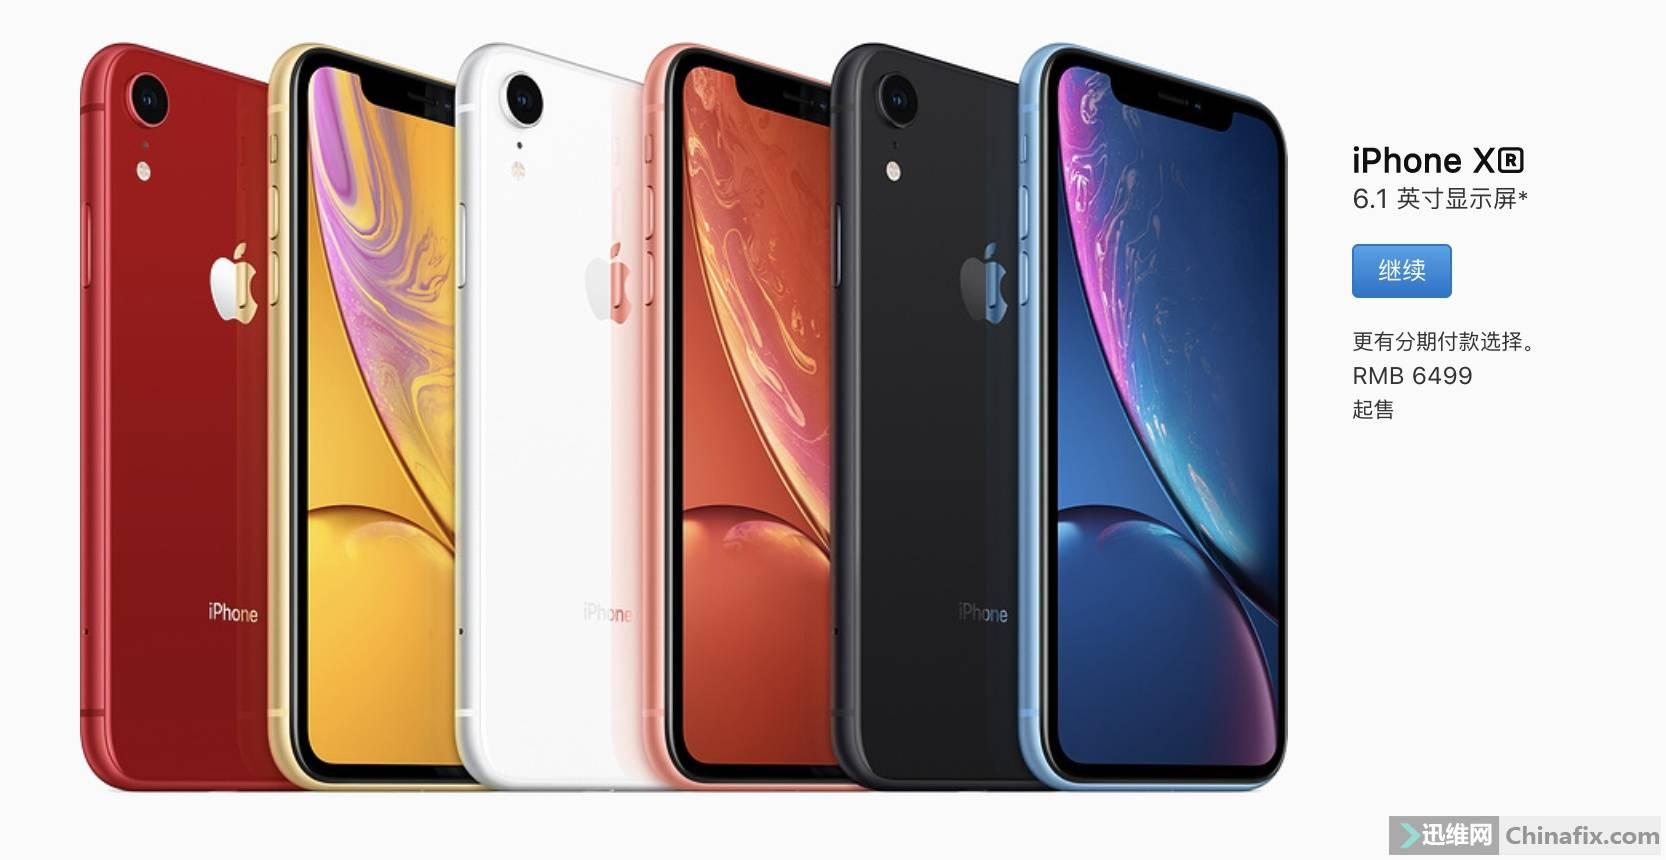 如何看待苹果 2018 年推出的 iPhone XR?配置和性能如何?-7.jpg